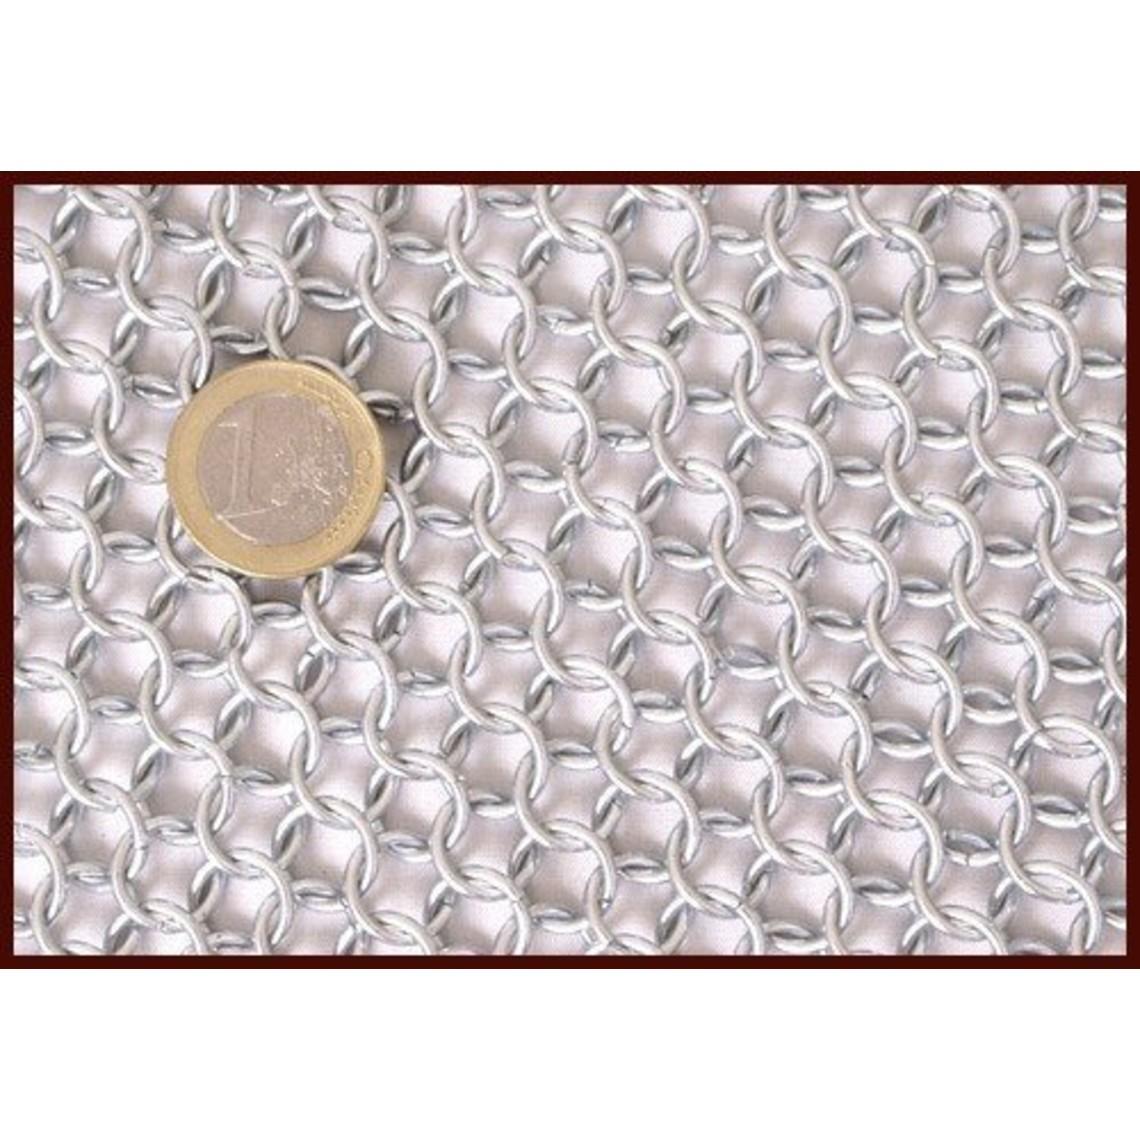 Maliënkolder met lange mouwen, verzinkt, 9 mm